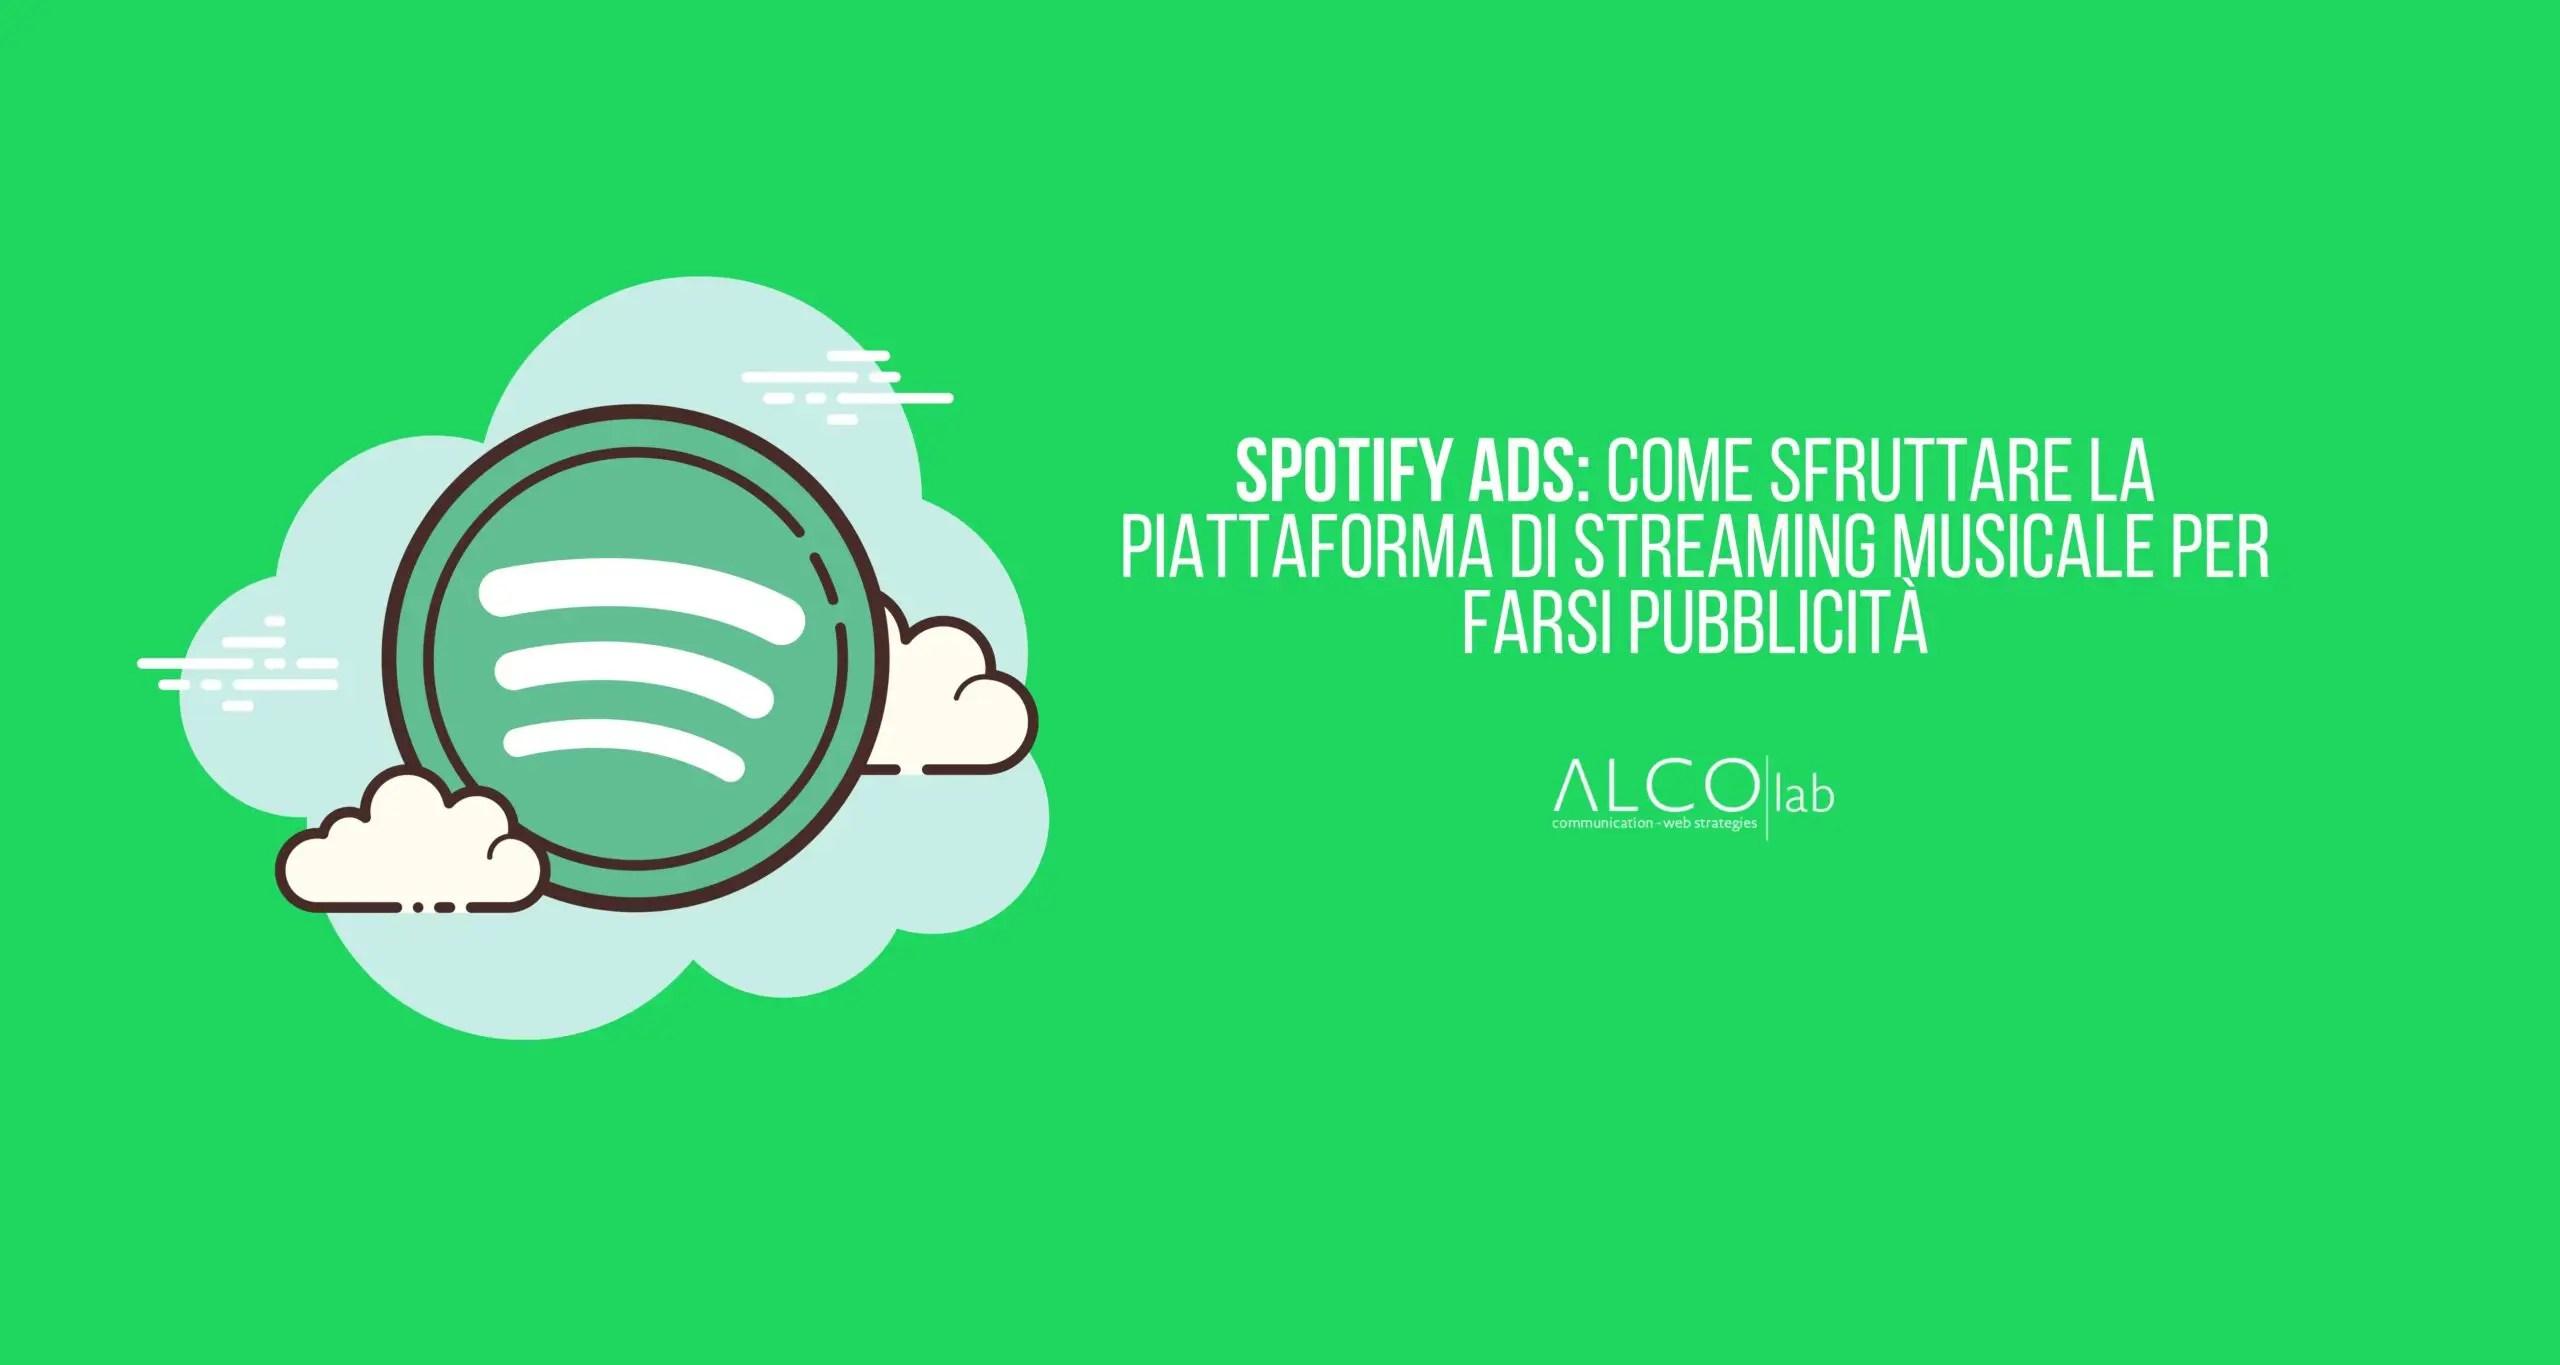 spotify ads